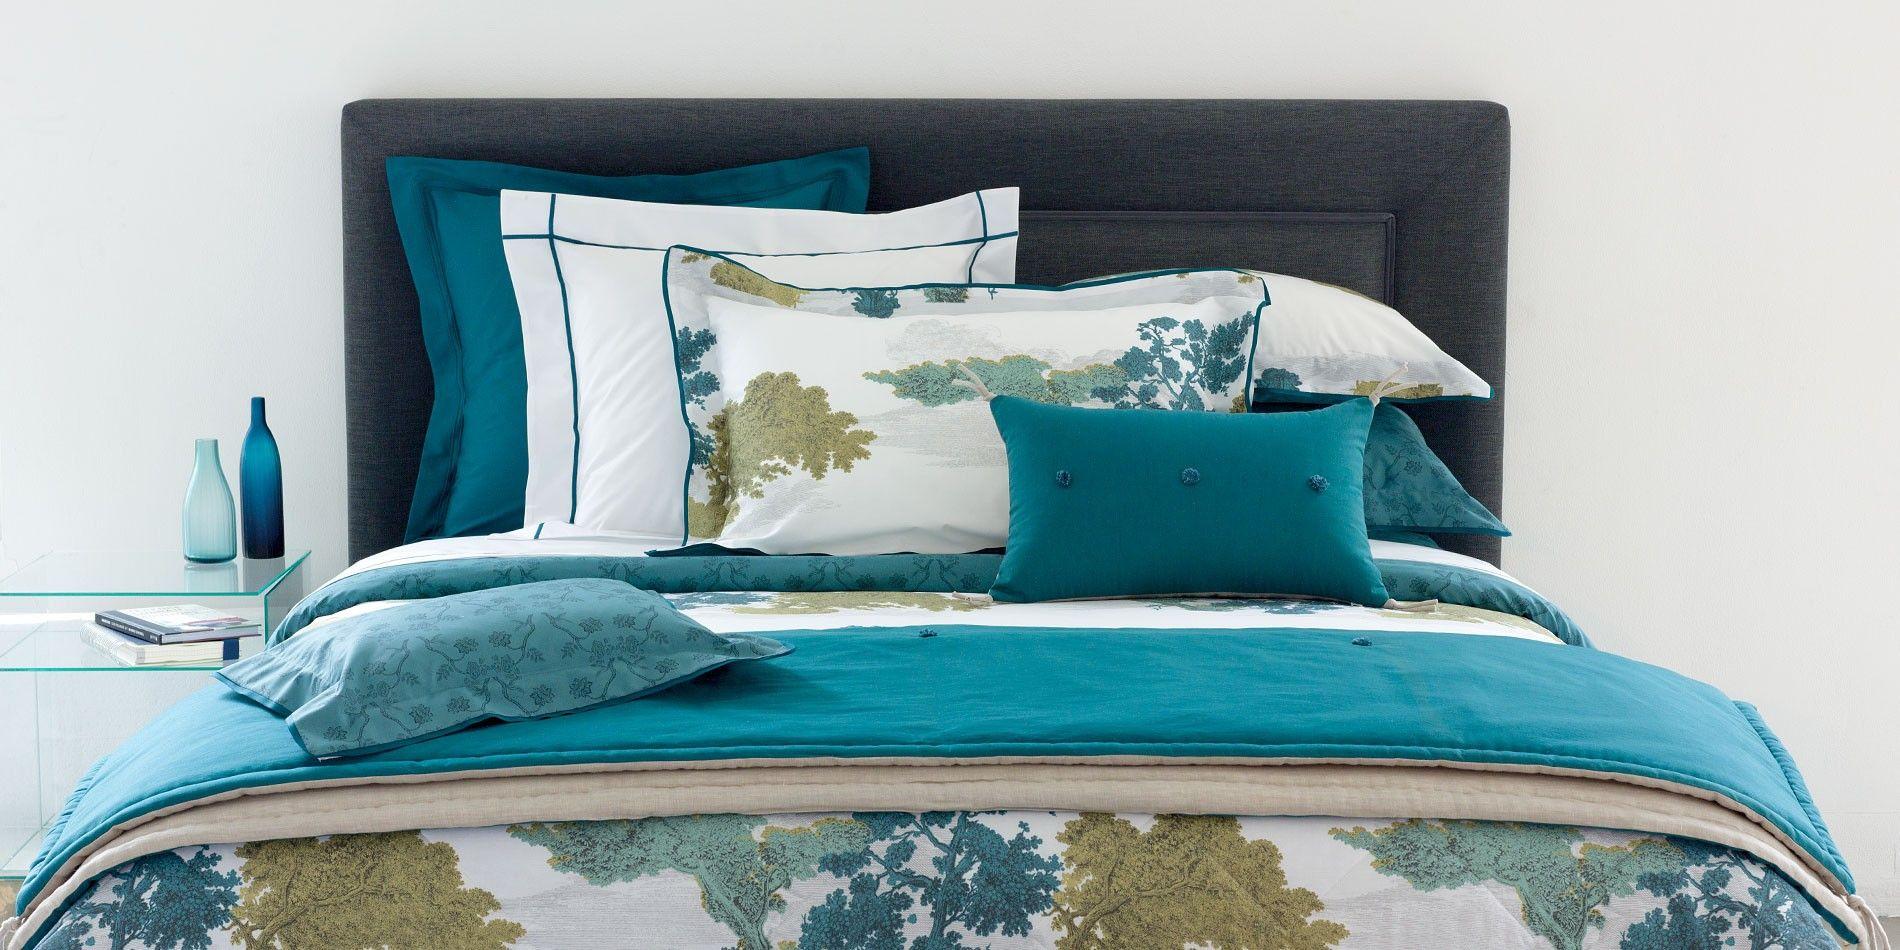 parure de lit calicot linge de lit parures de lit haut de gamme yves delorme home decor. Black Bedroom Furniture Sets. Home Design Ideas